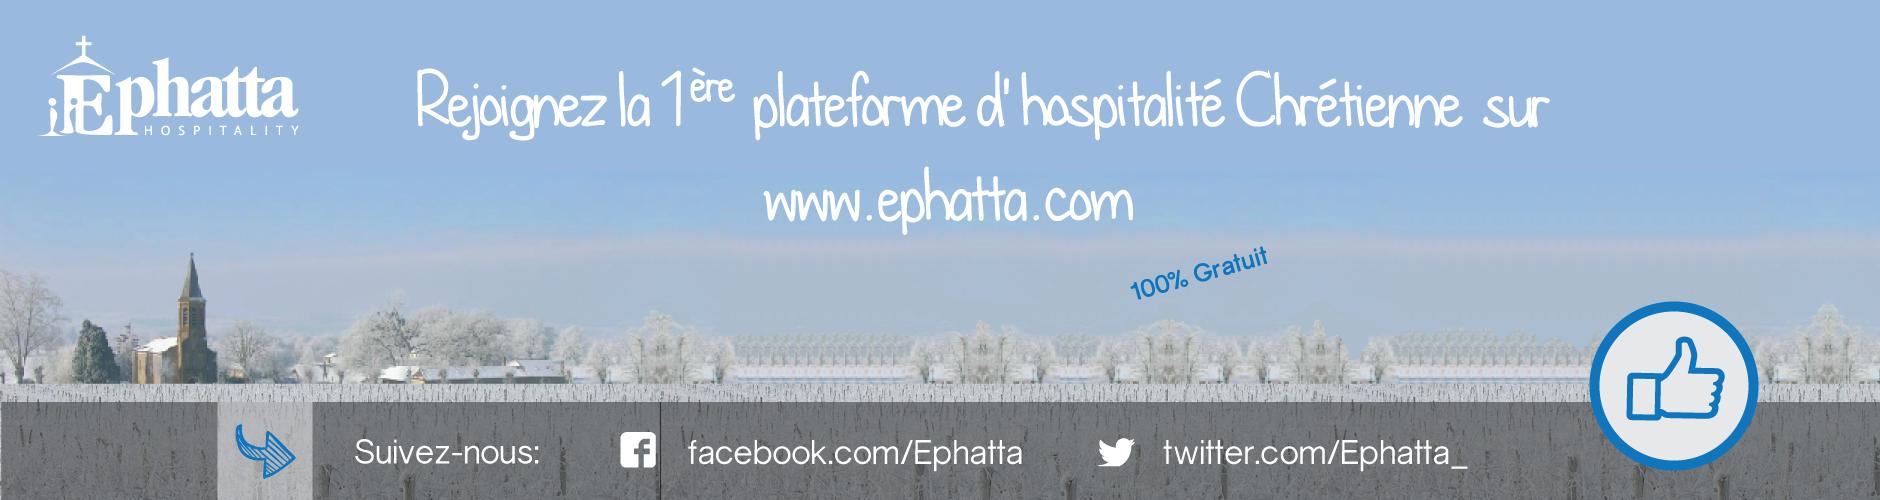 Réseau Ephatta - hébergement